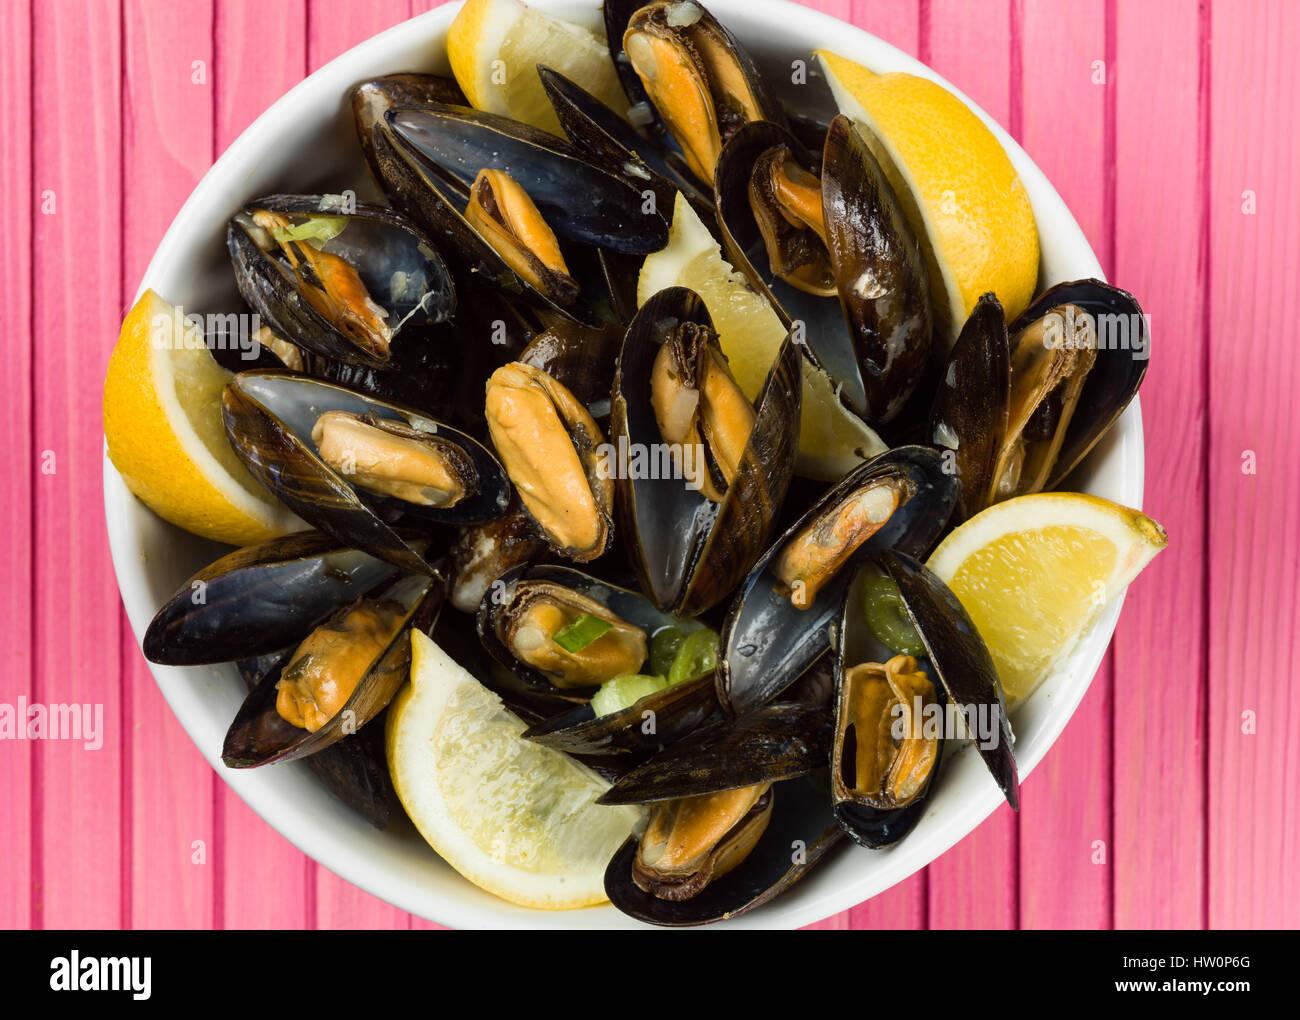 Les moules cultivées de corde dans une sauce à l'ail et l'échalote avec des tranches de citron Banque D'Images